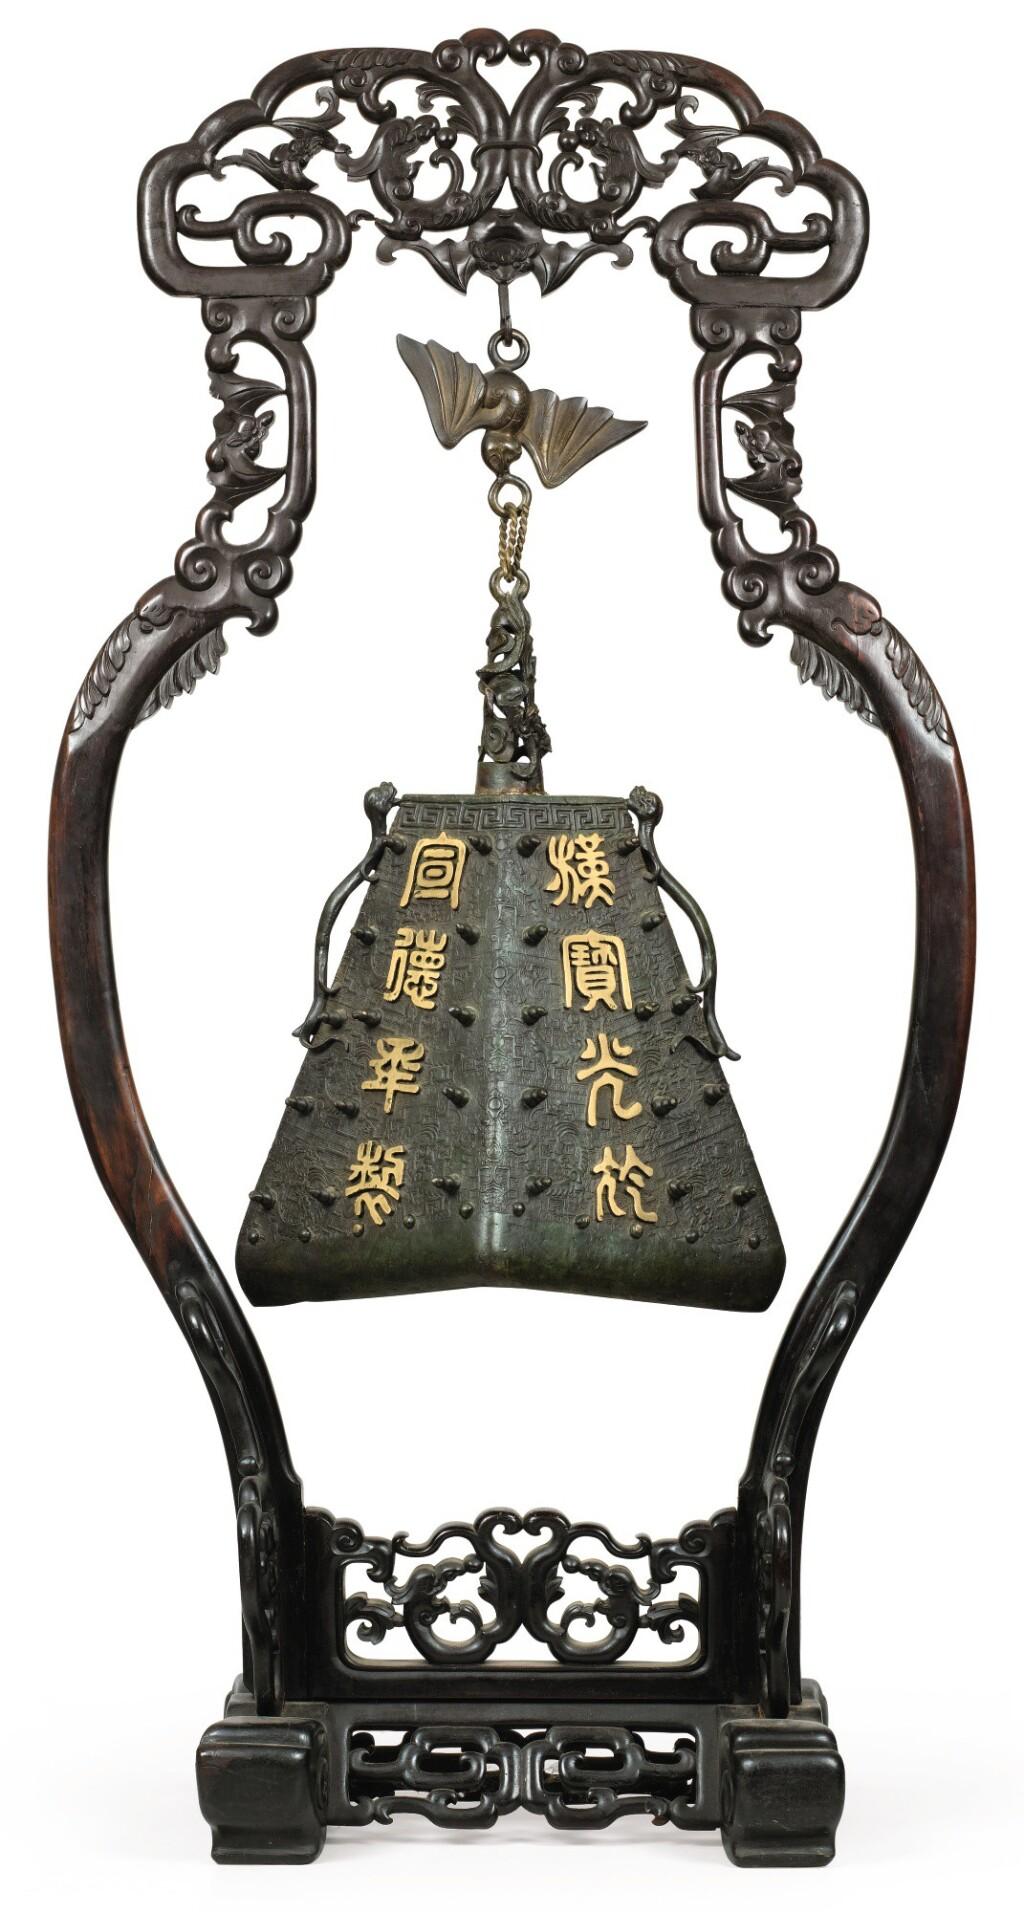 GRANDE CLOCHE EN BRONZE PARTIELLEMENT DORÉ DE STYLE ARCHAÏQUE FIN DE LA DYNASTIE MING - DÉBUT DE LA DYNASTIE QING | 明末至清初 局部鎏金銅仿古紋掛鐘 | An archaistic parcel-gilt bronze bell, late Ming Dynasty/early Qing Dynasty